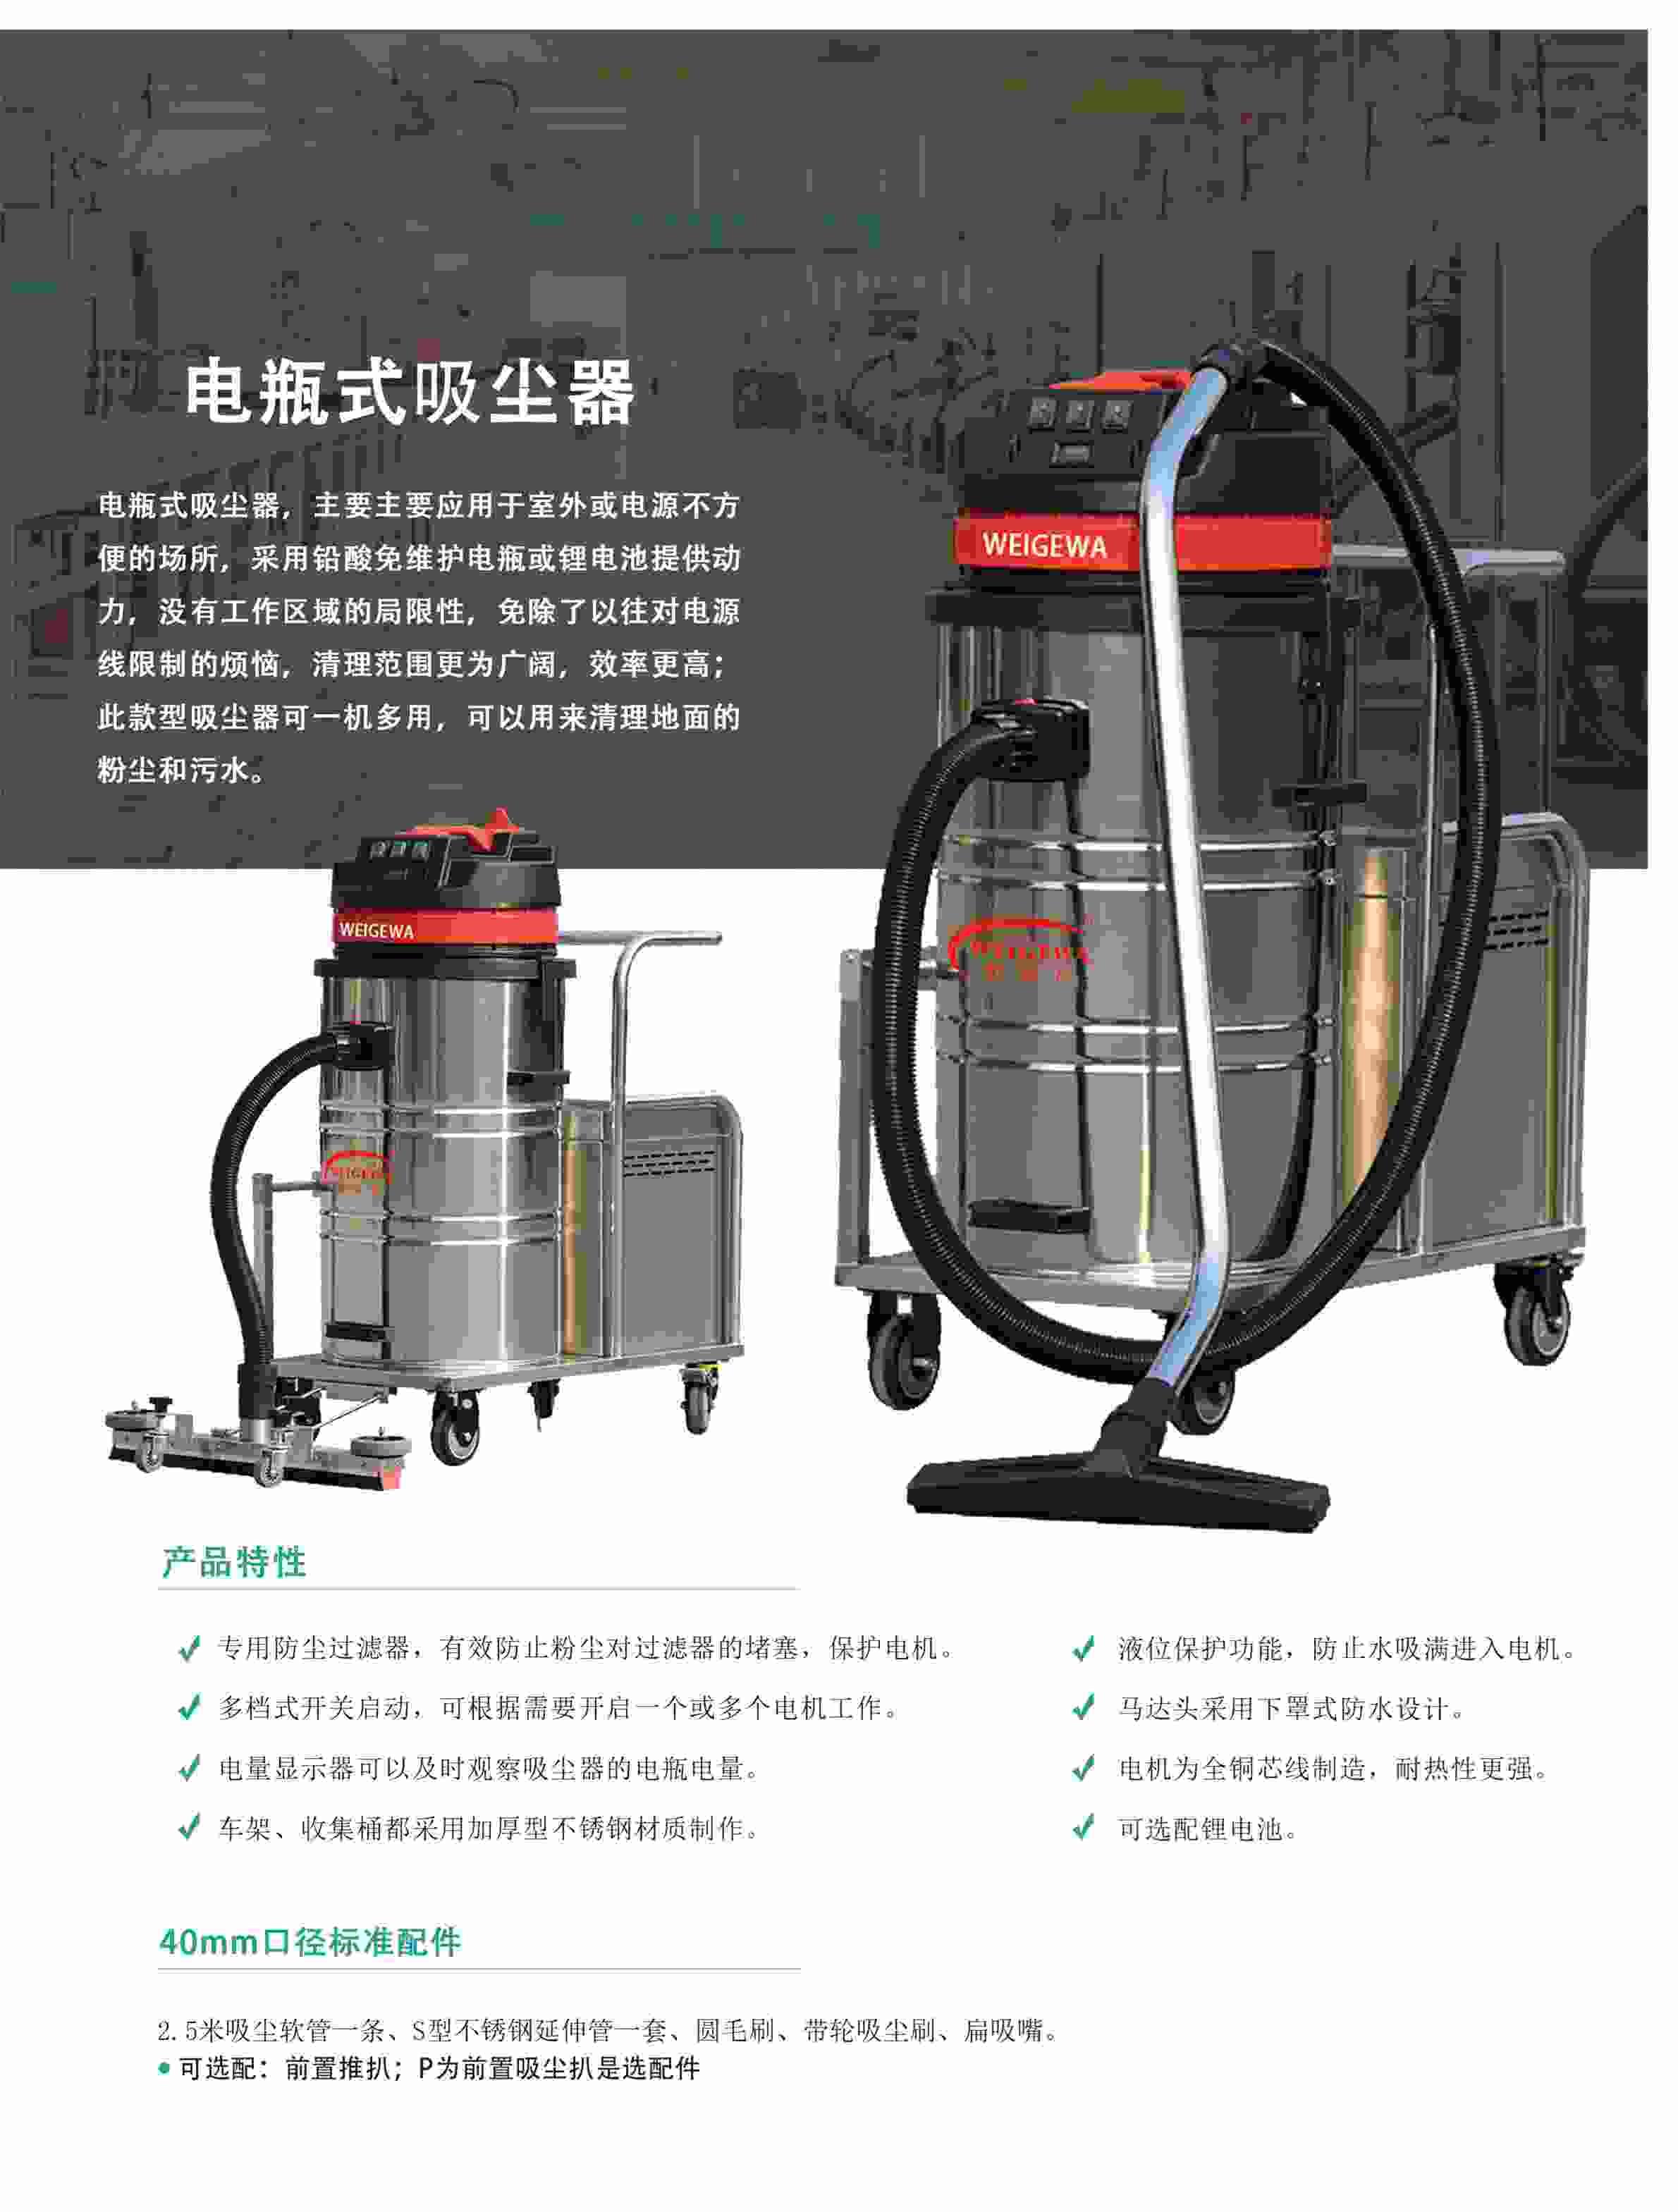 上海美卡隆工业吸尘器的生产厂家-美卡隆吸尘器多少钱